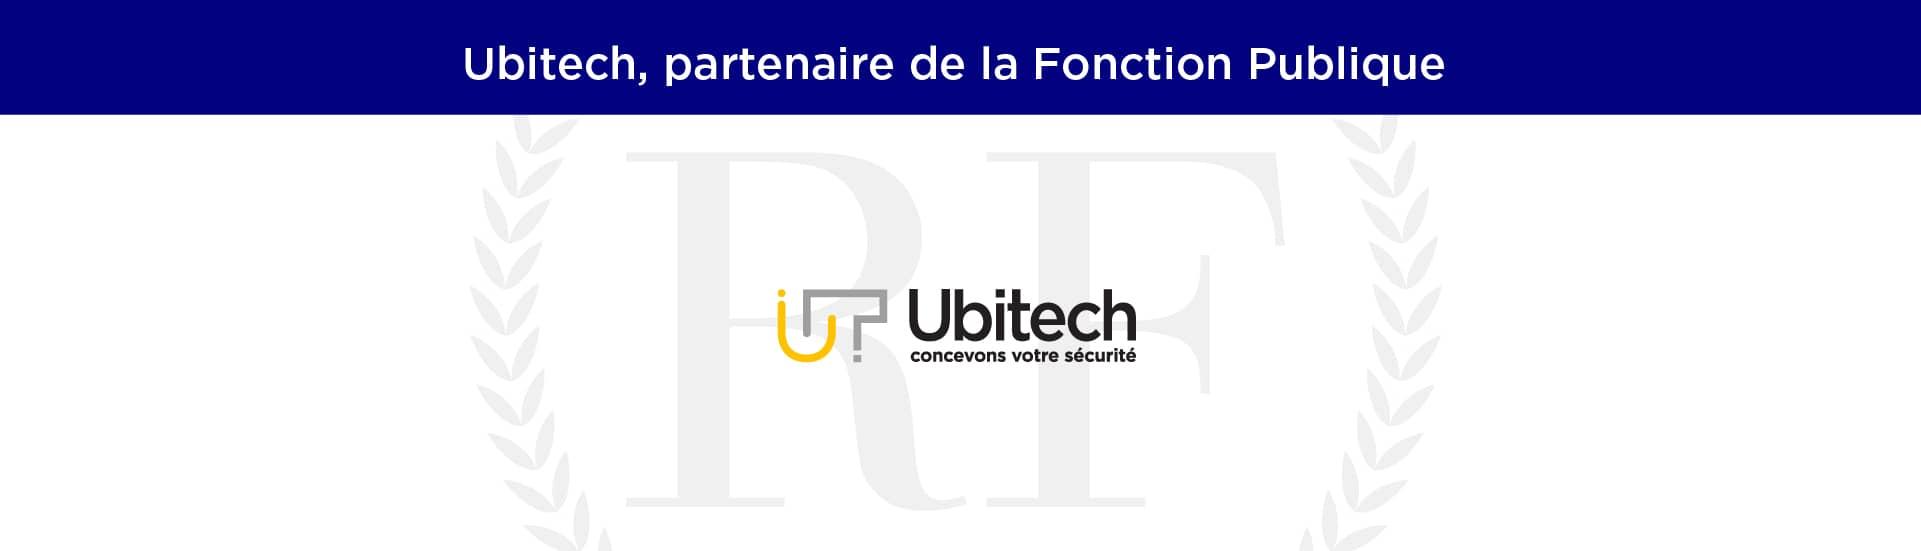 Ubitech partenaire de la Fonction Publique